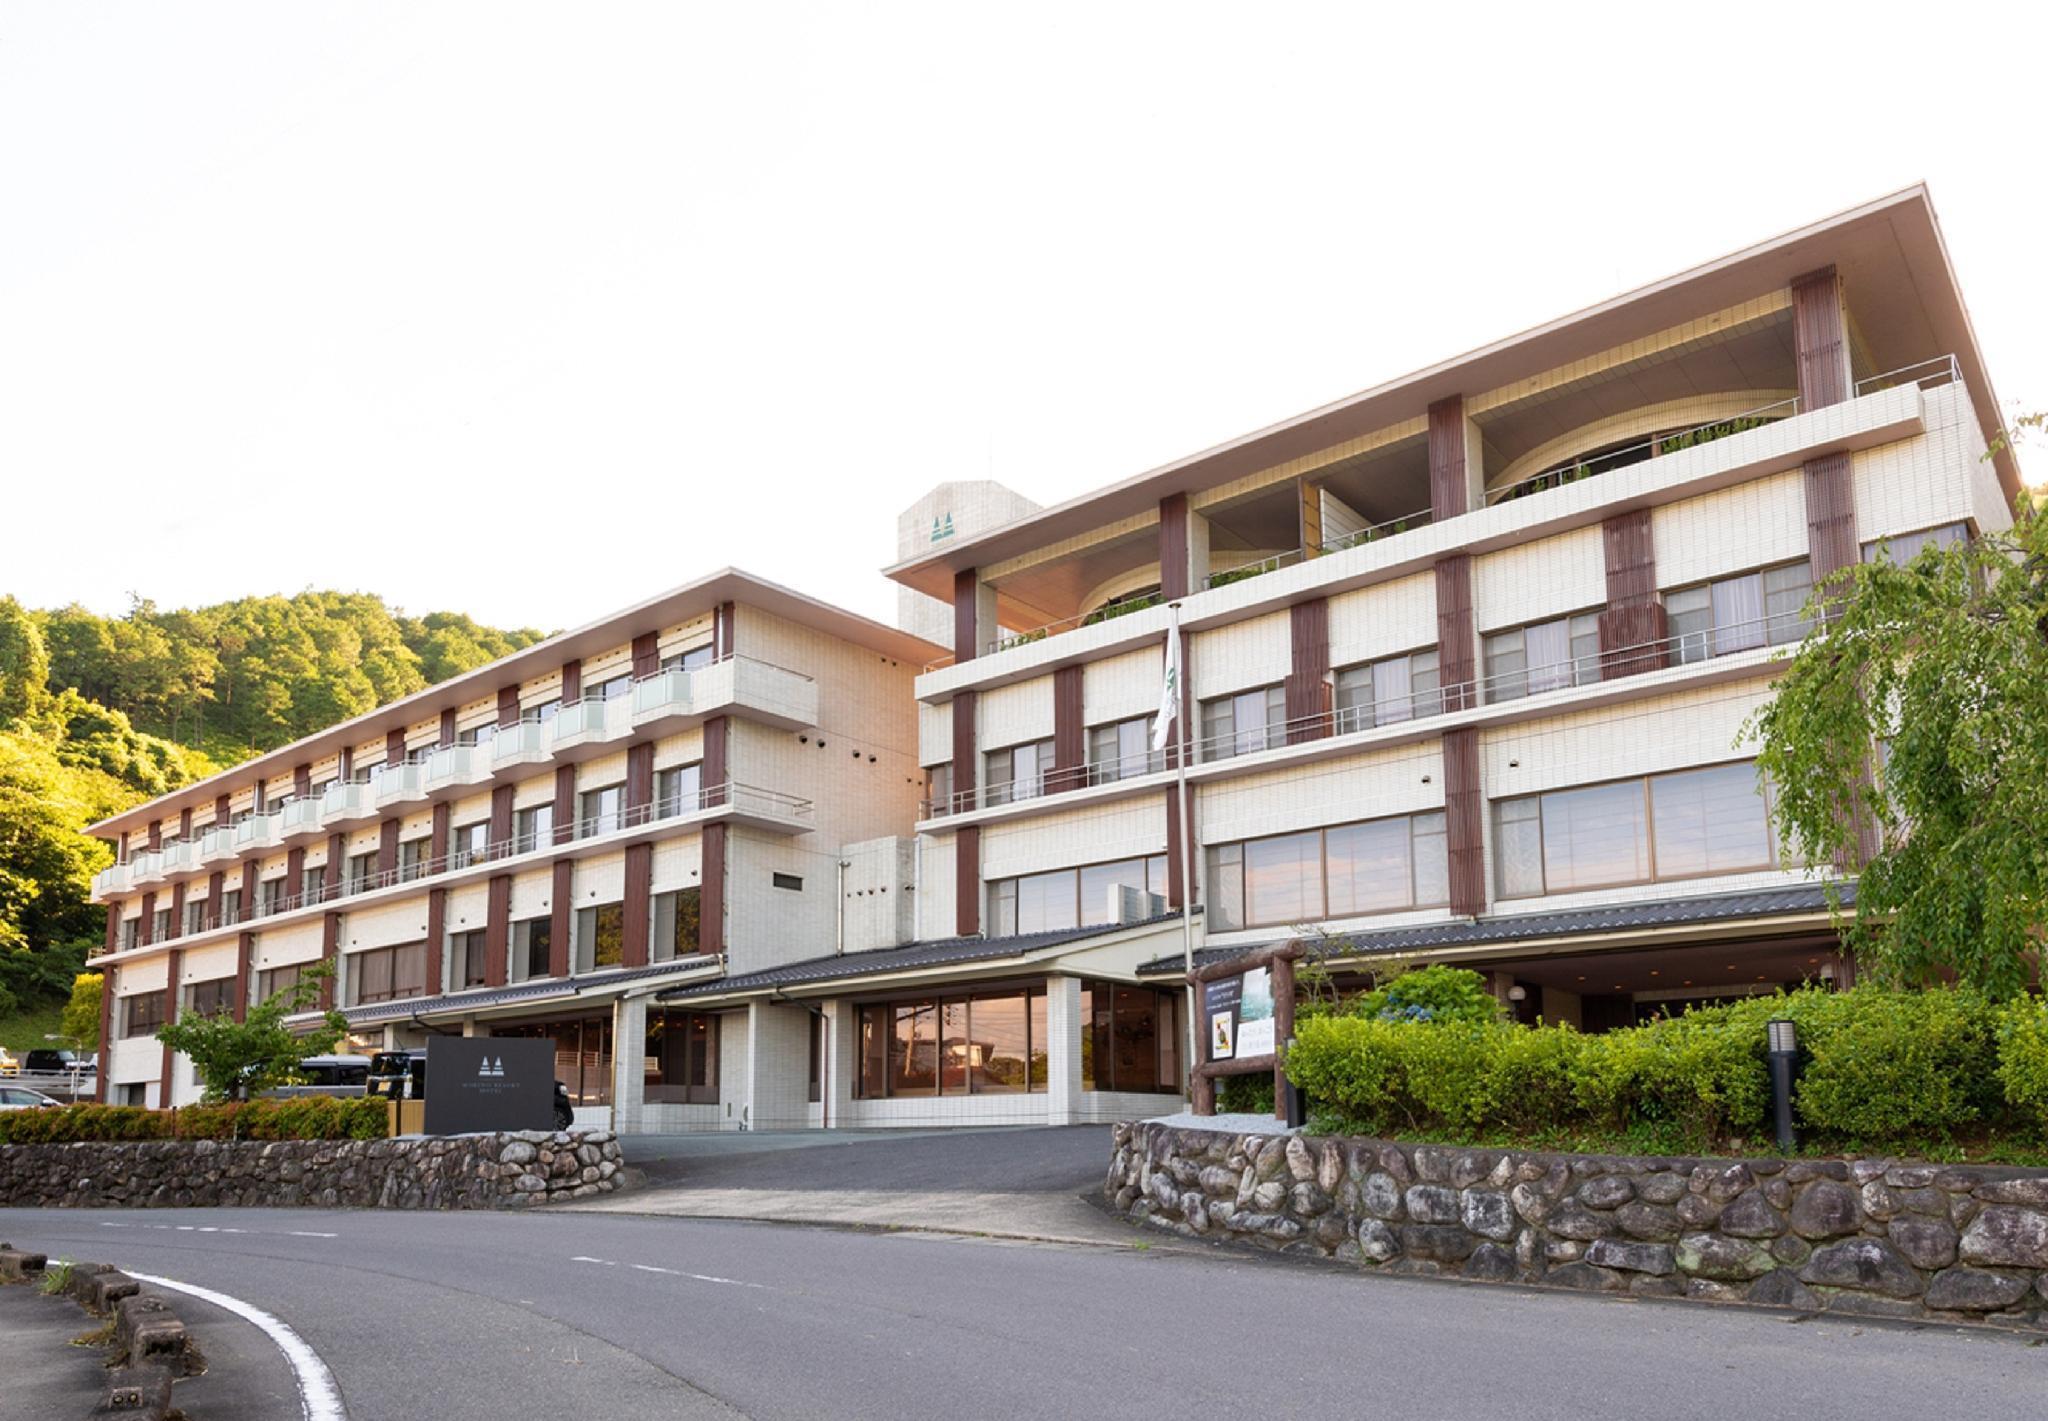 Takeo Onsen Mori no Resort Hotel, Takeo